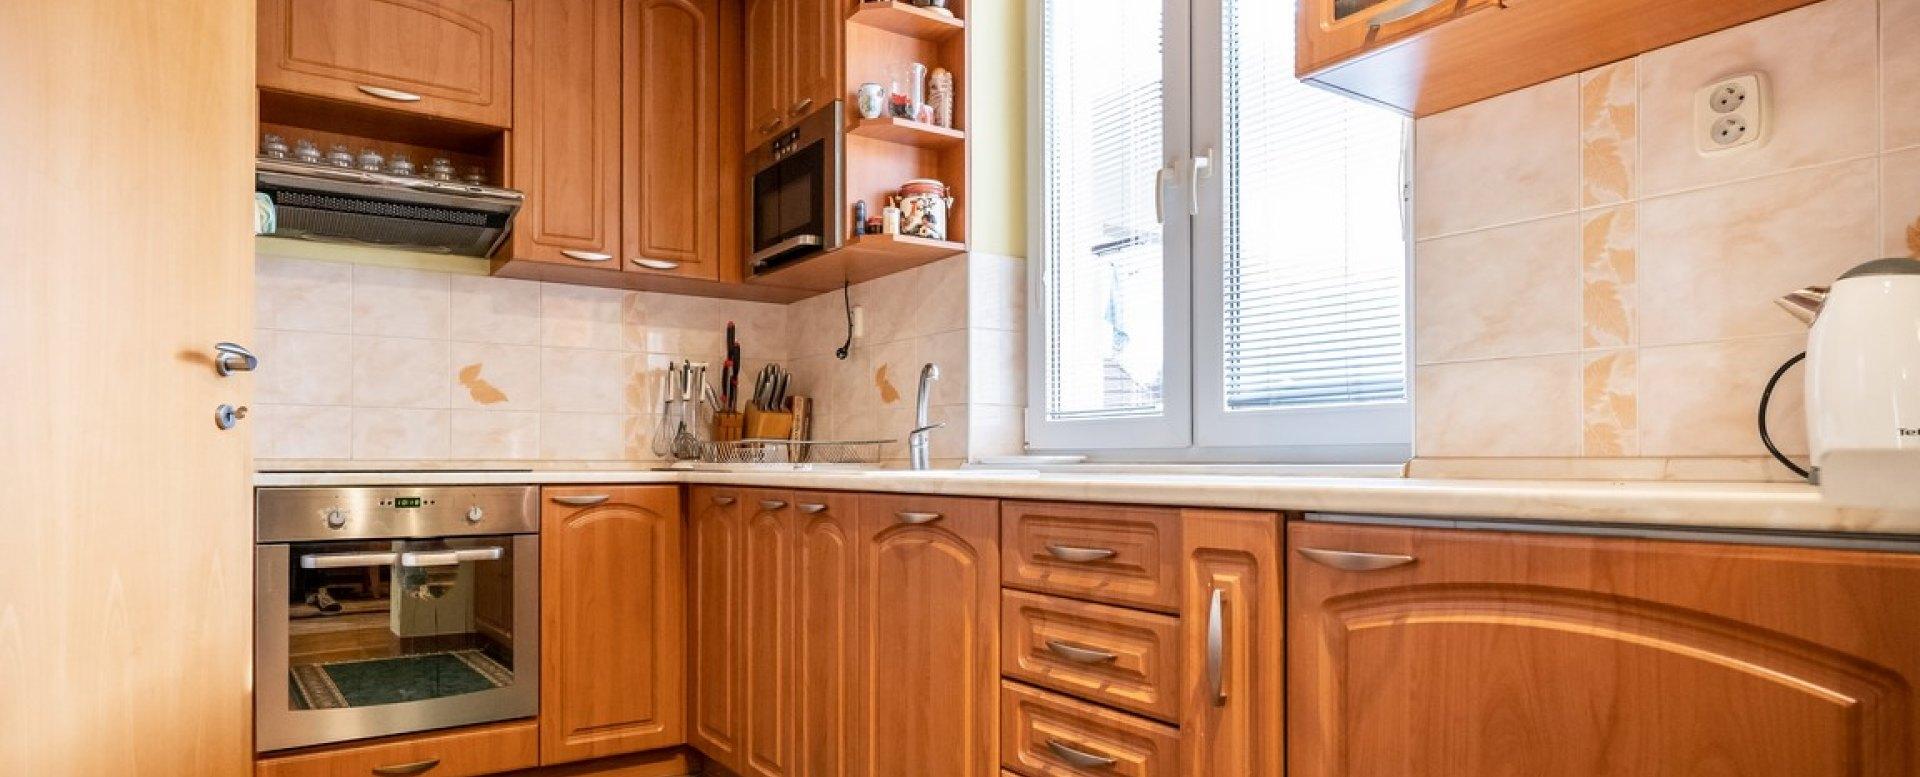 kuchynská linka v kuchyni